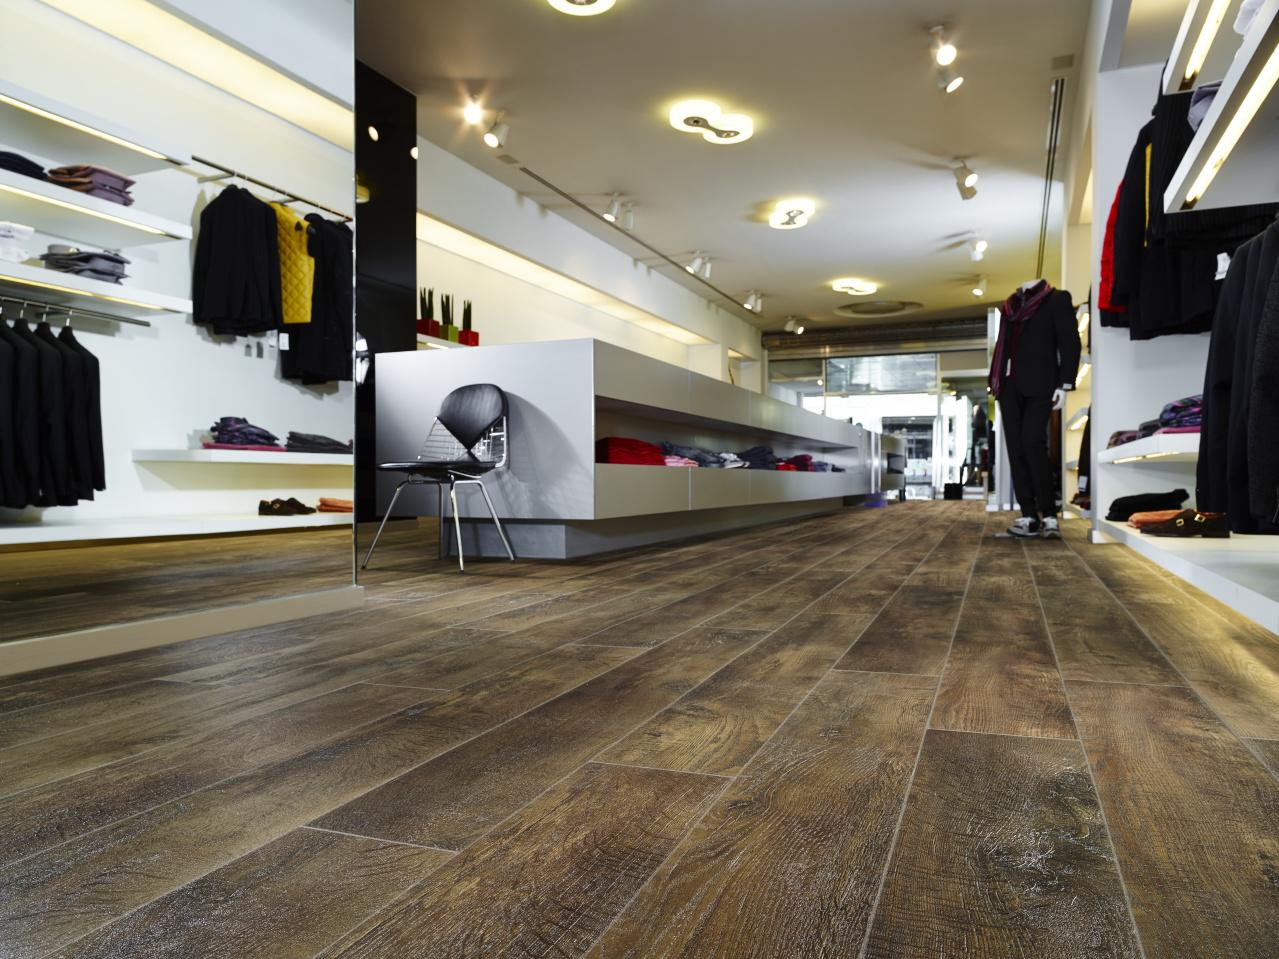 Pvc vinyl vloeren vloerenoutletstore heeft alles voor uw vloer